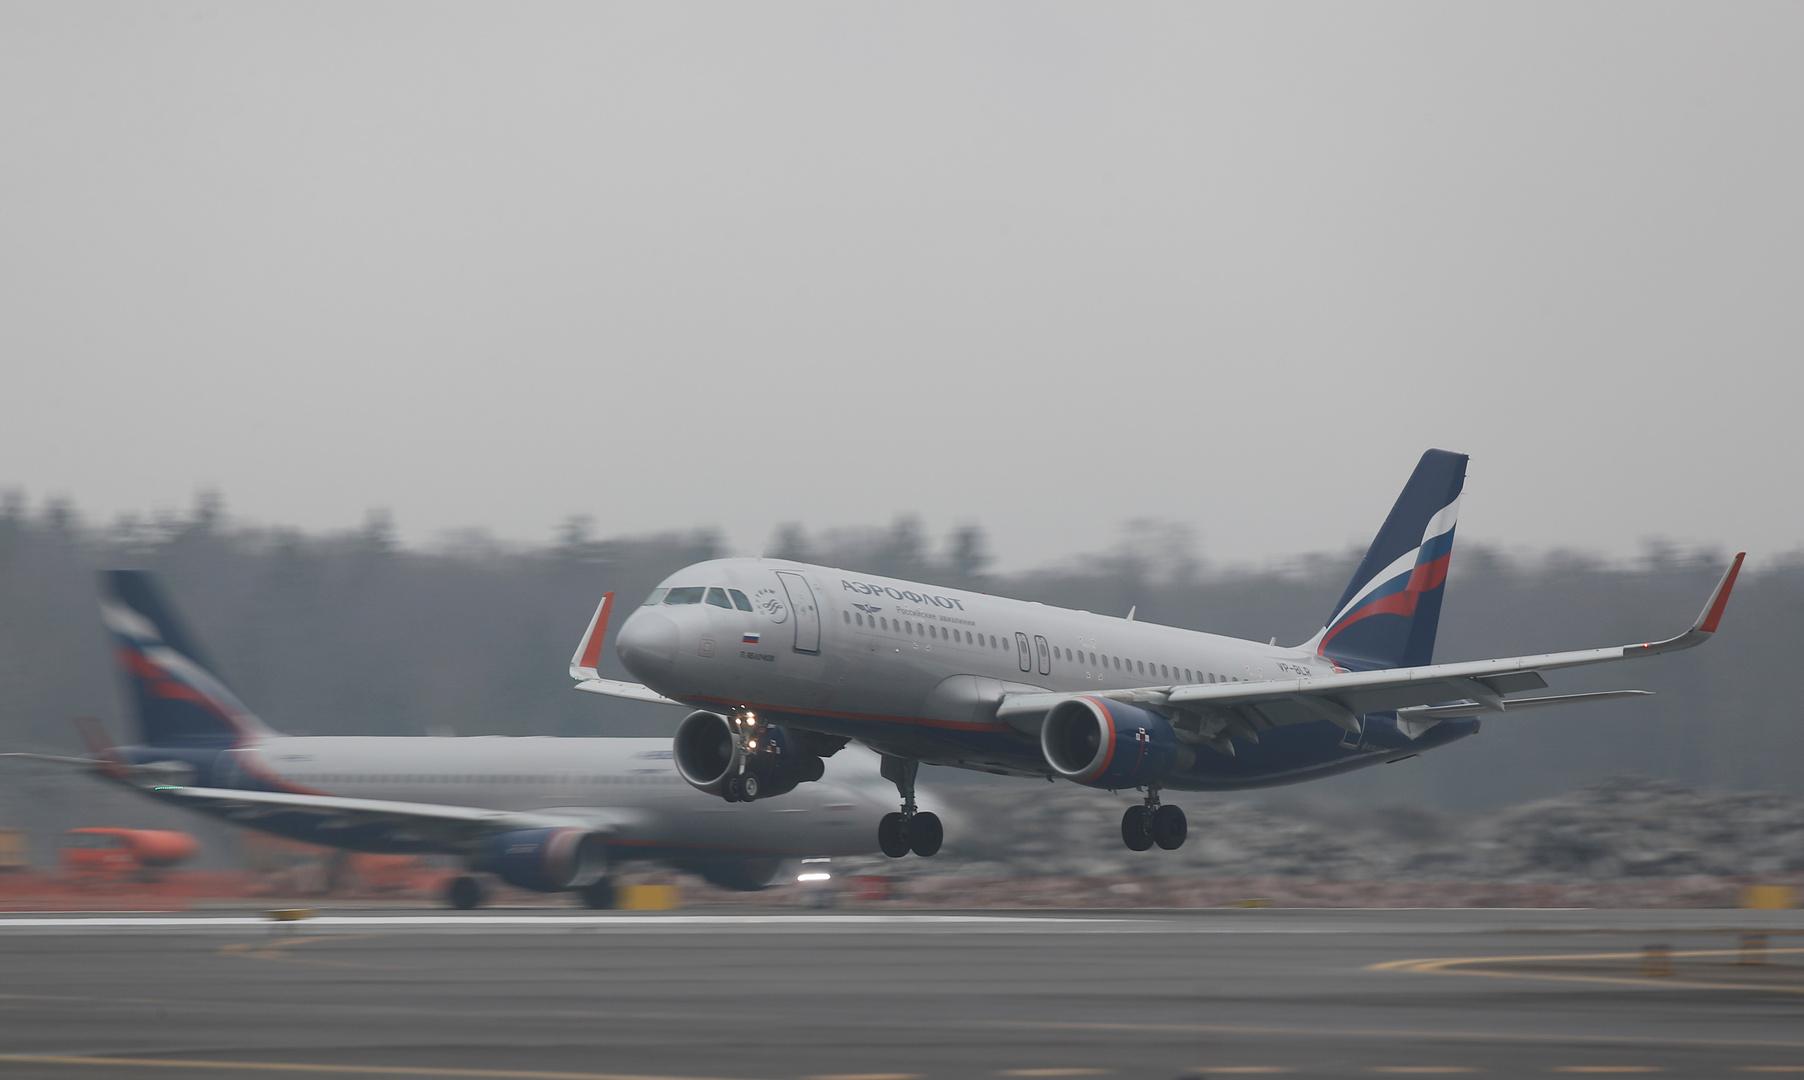 روسيا تستأنف رحلات الطيران إلى وجهات جديدة في سبتمبر